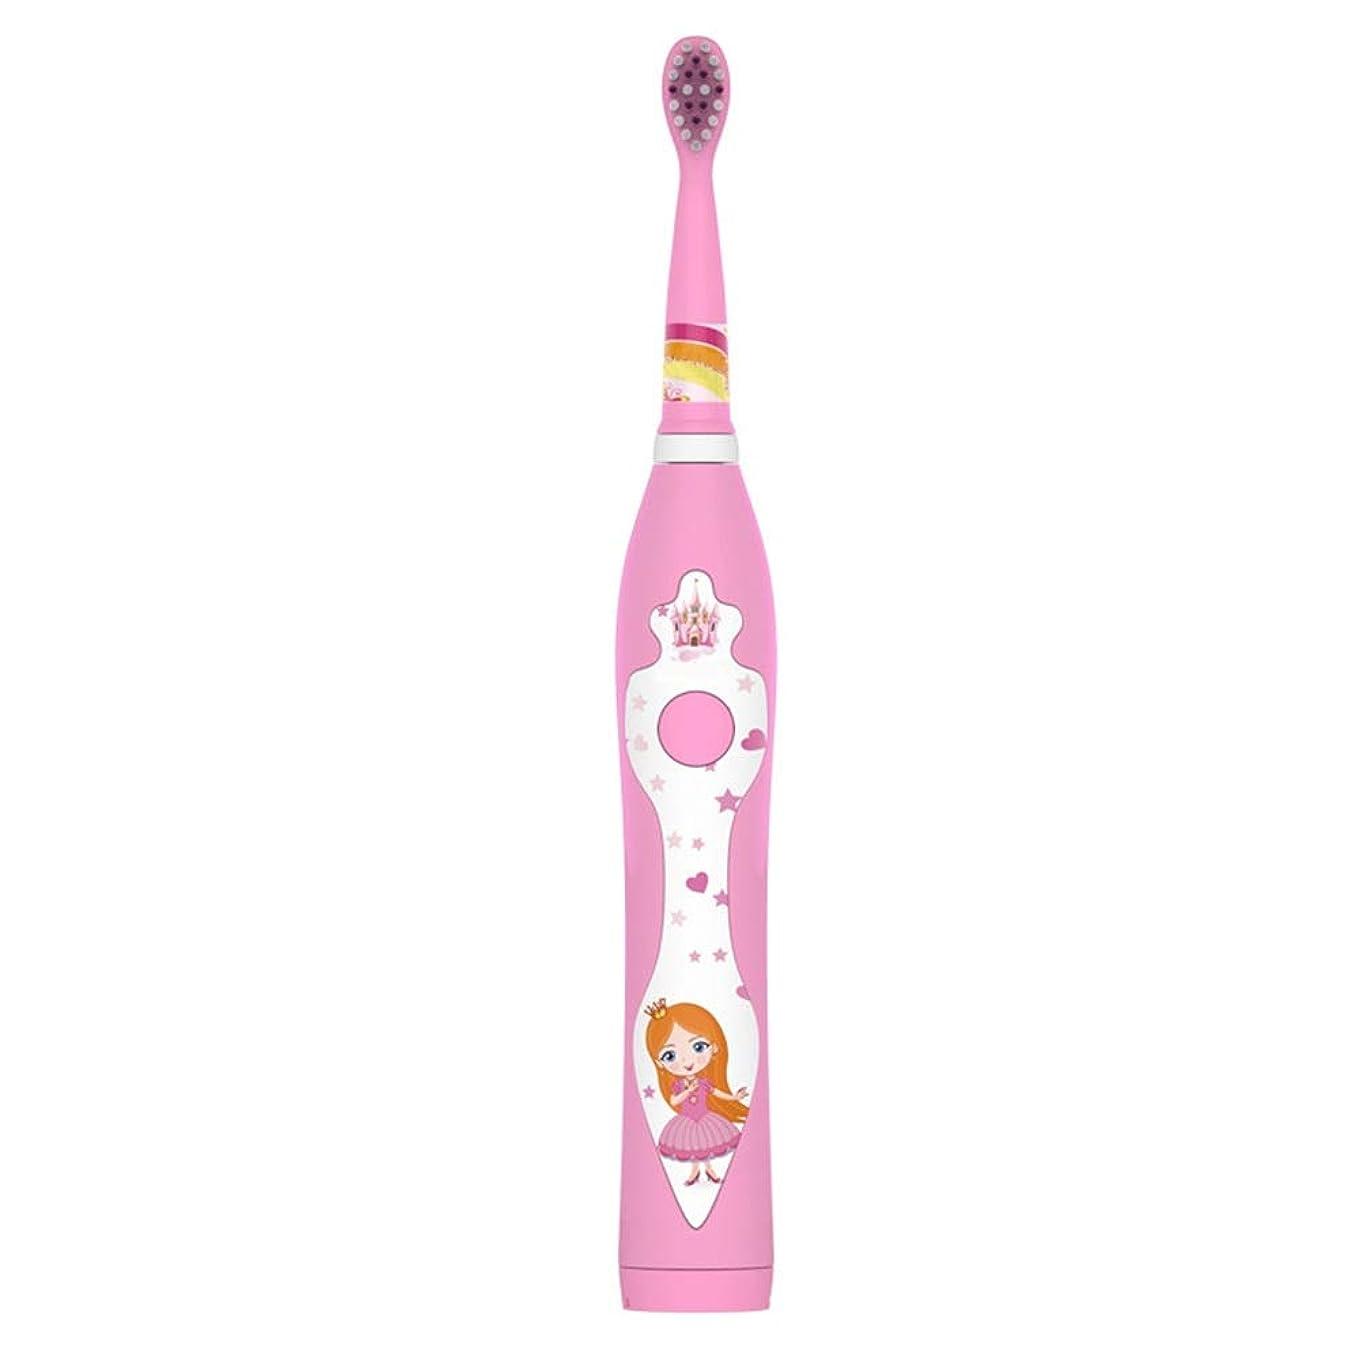 後ろに経度士気子供の電動歯ブラシかわいいUSB充電式歯ブラシホルダーと2つの交換用ヘッド 完全な口腔ケアのために (色 : ピンク, サイズ : Free size)